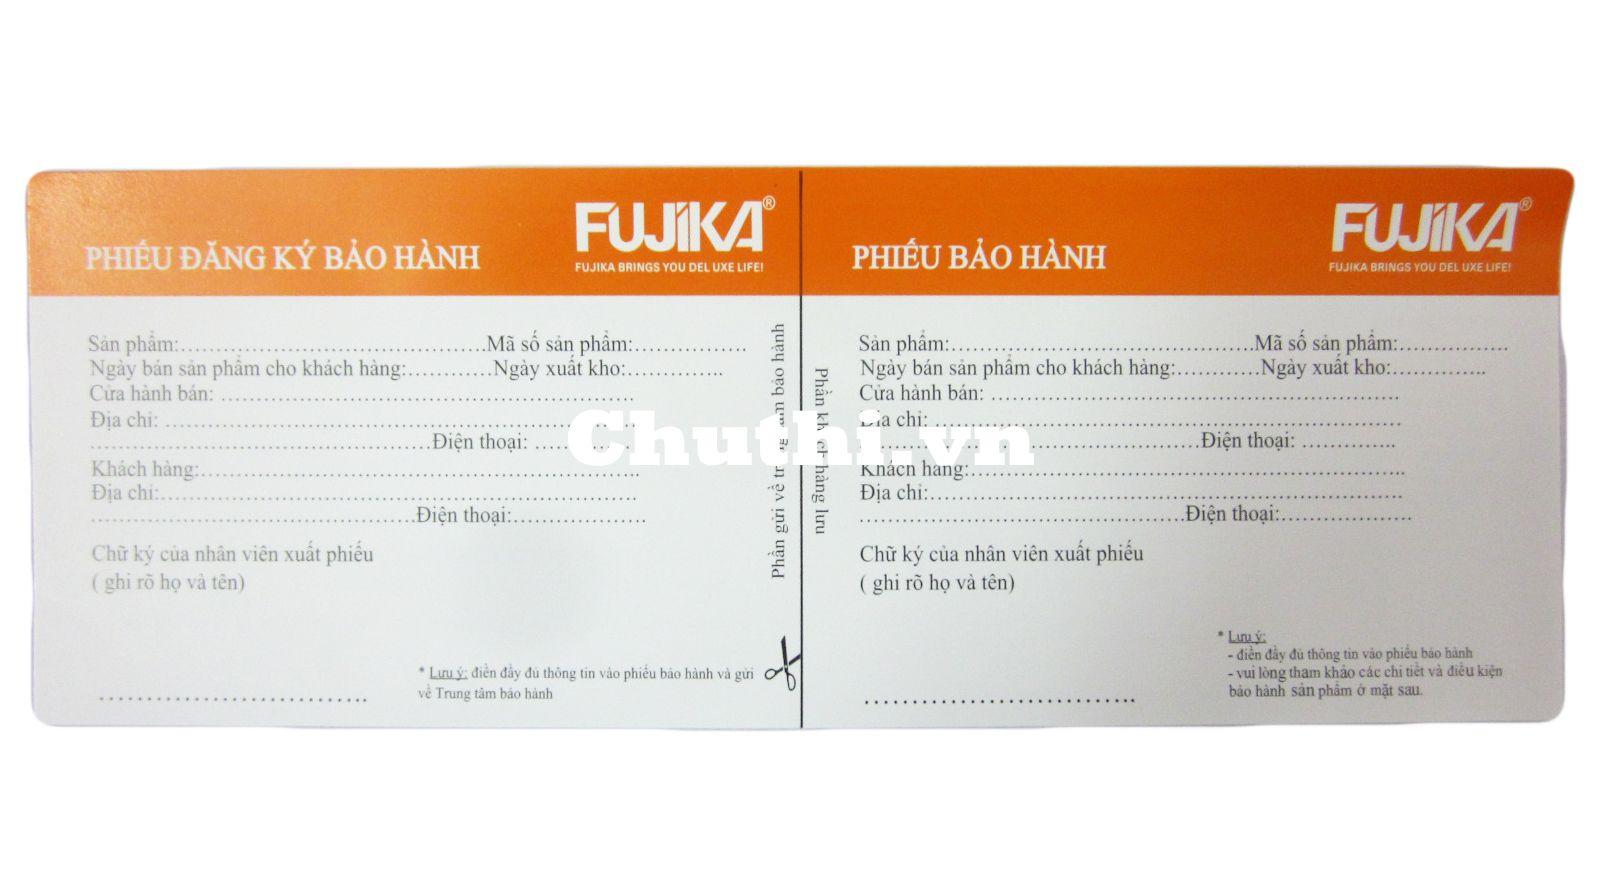 Sản phẩm bảo hành 12 tháng từ nhà sản xuất Fujika